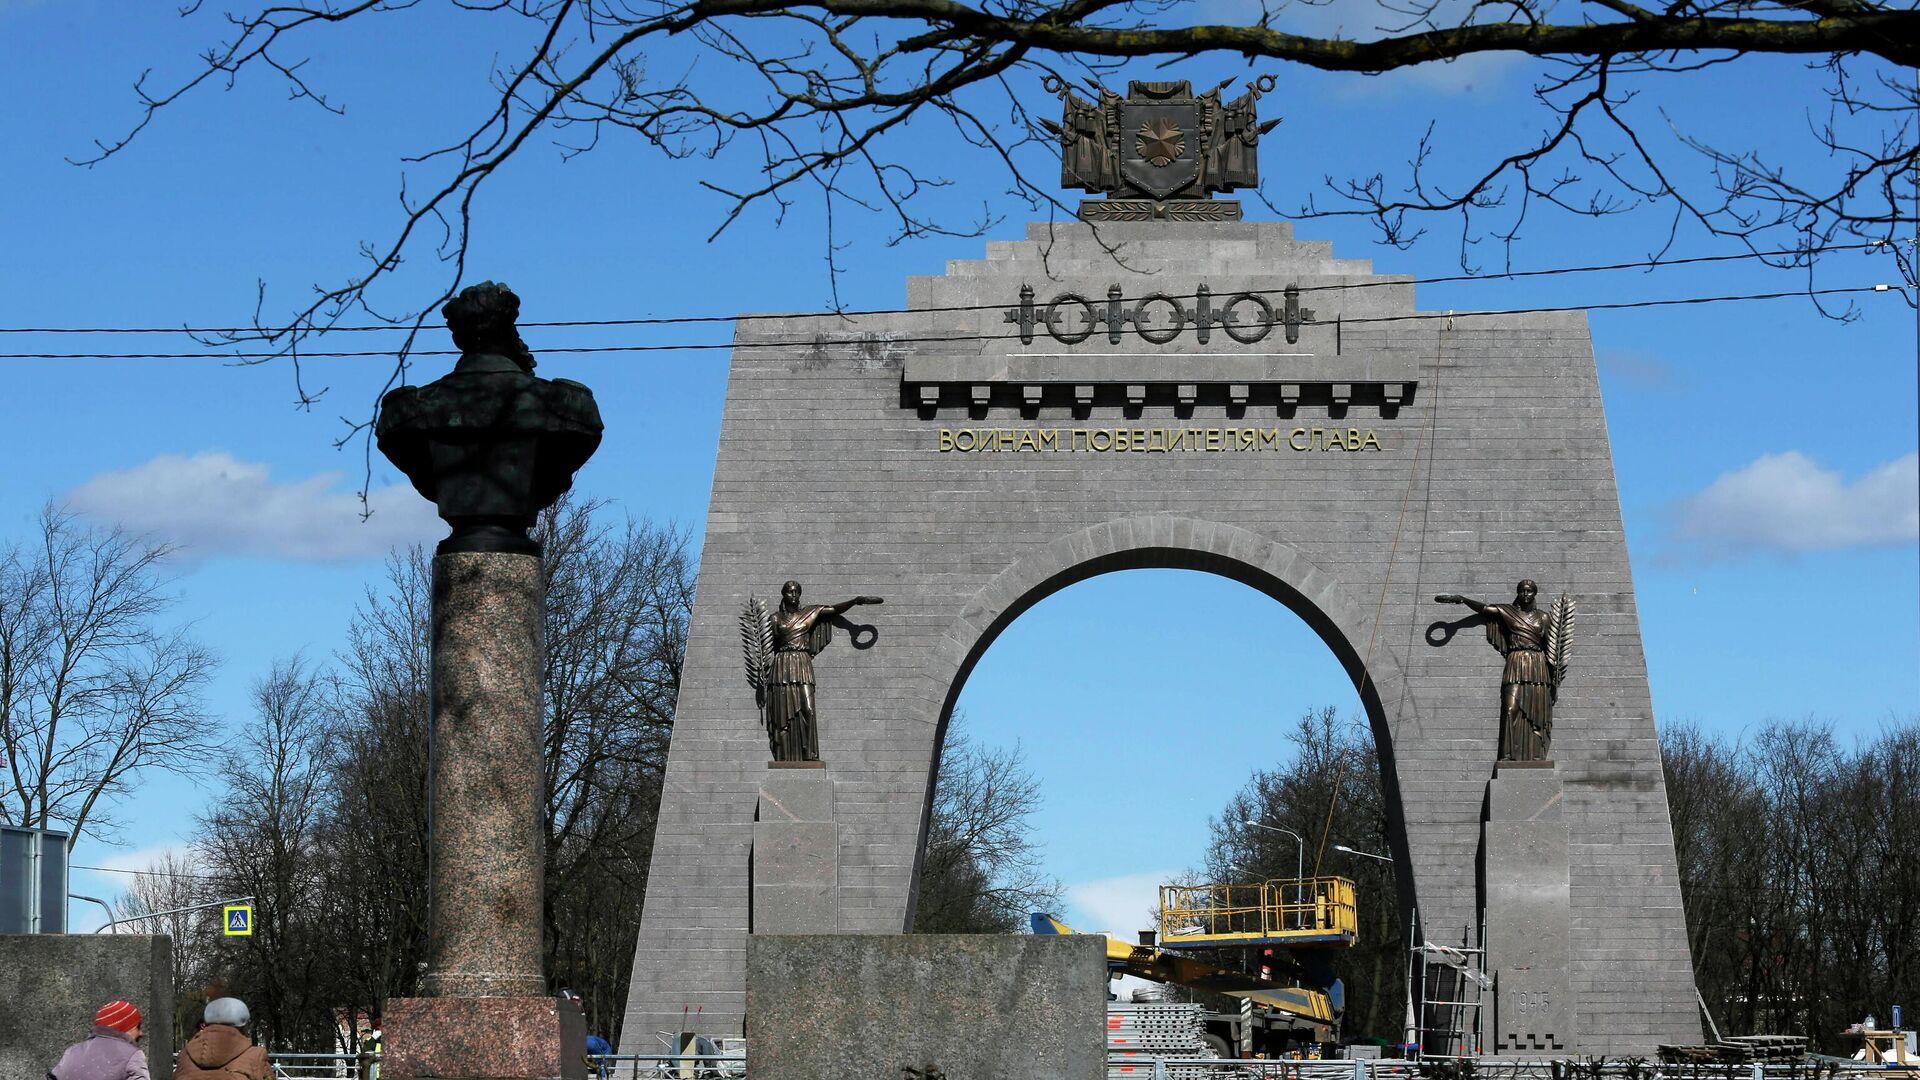 Строительство Арки Победы в пригороде Санкт-Петербурга - РИА Новости, 1920, 03.11.2020